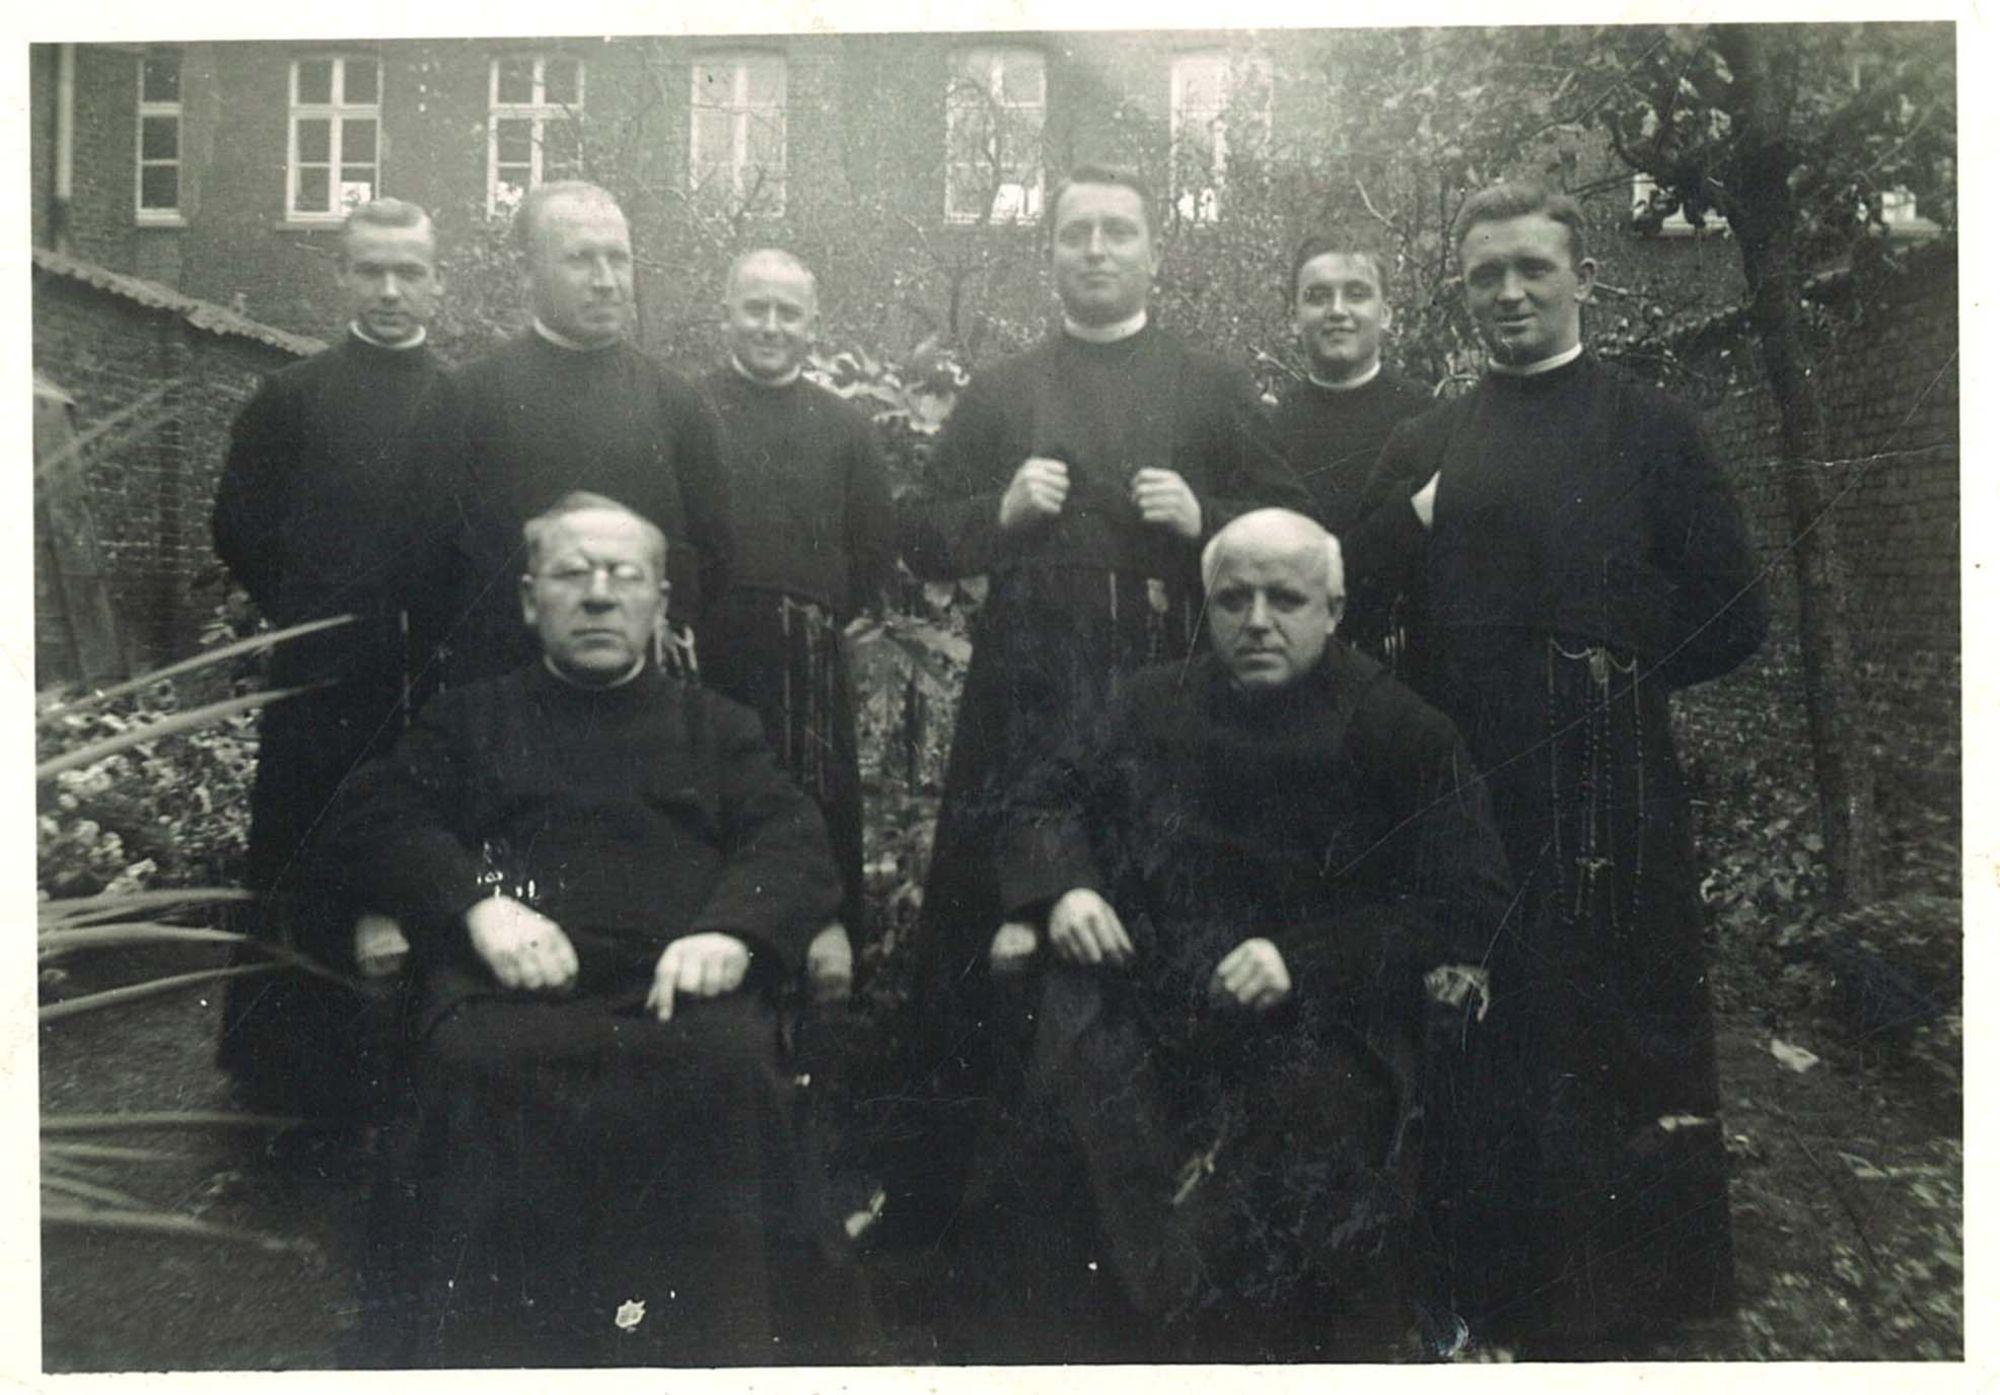 Groepsfoto uit 1934-35 in de Broederschool Overleie